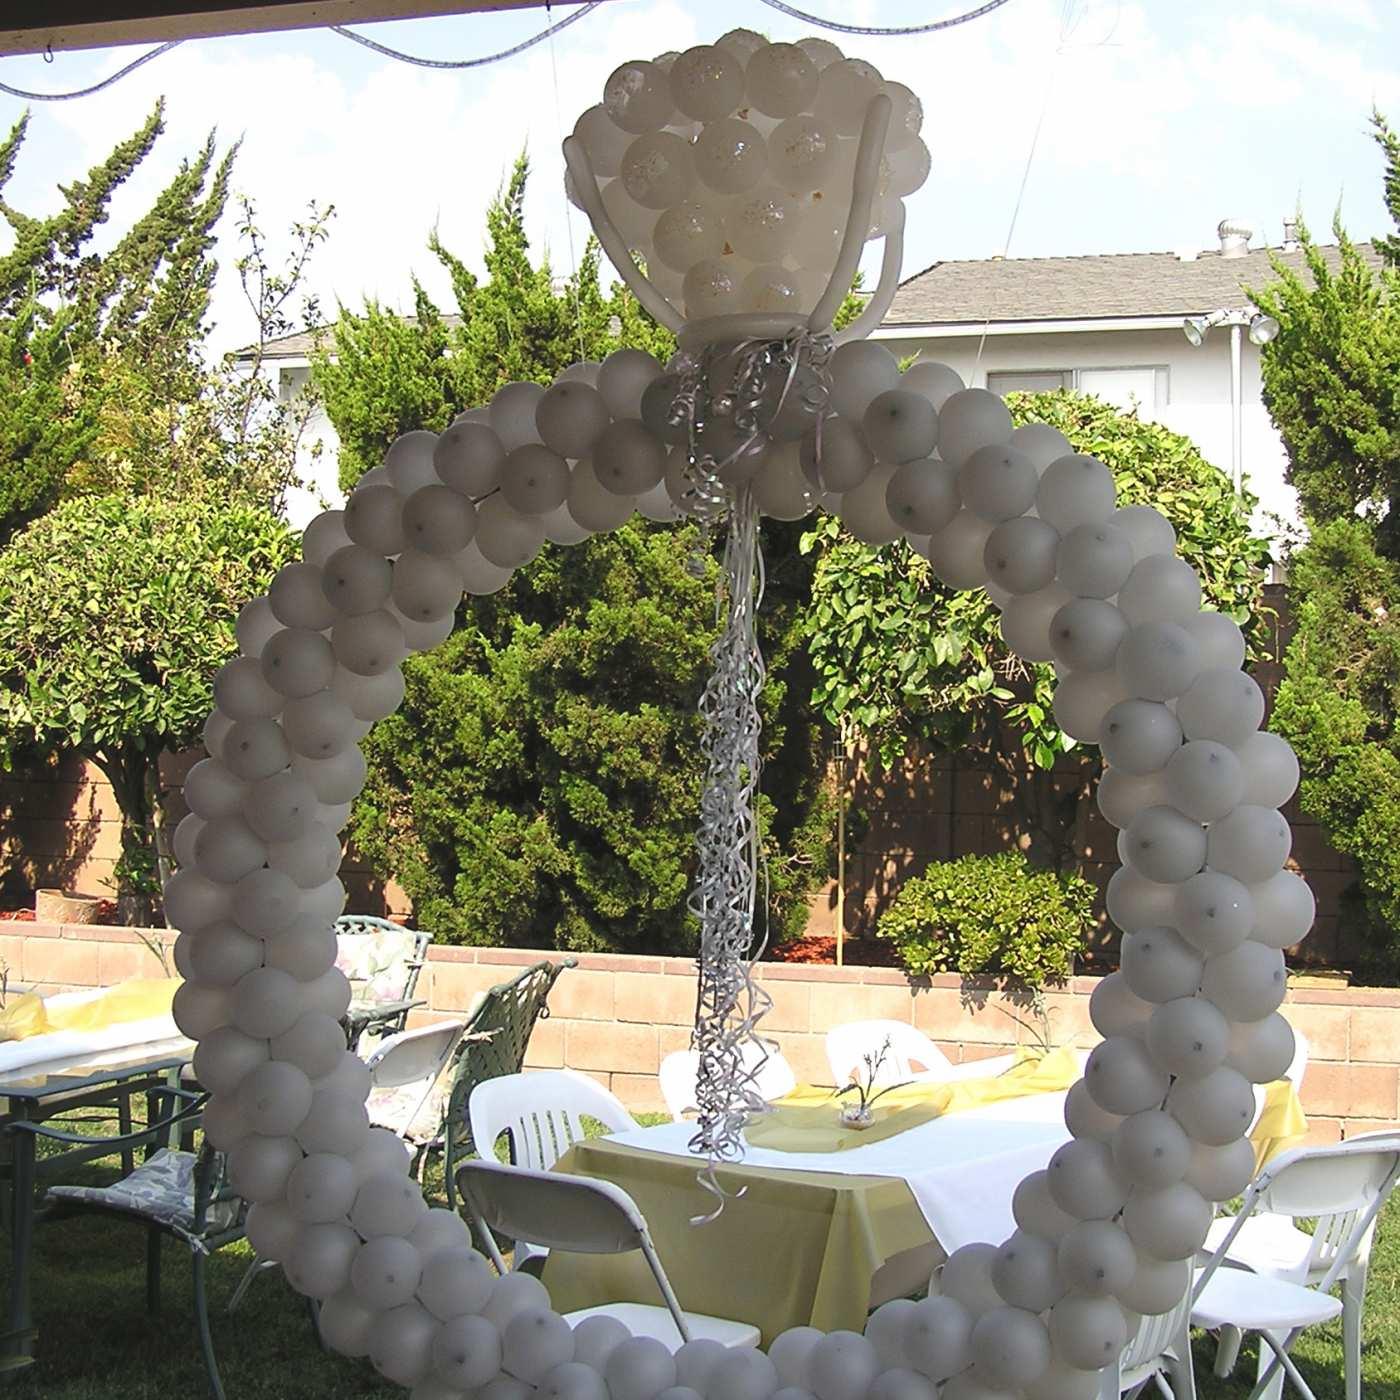 Engagement ring balloon sculpture